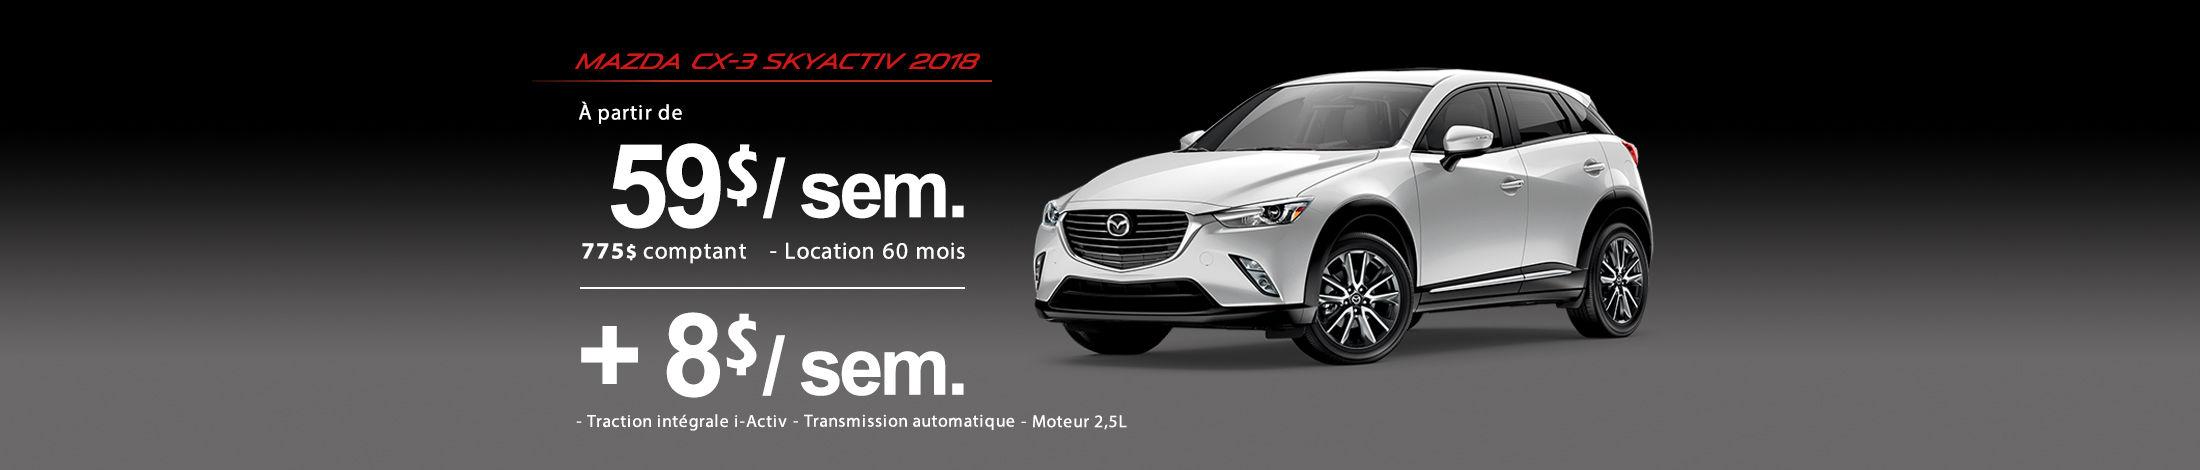 Mazda CX-3 2018 Banniere